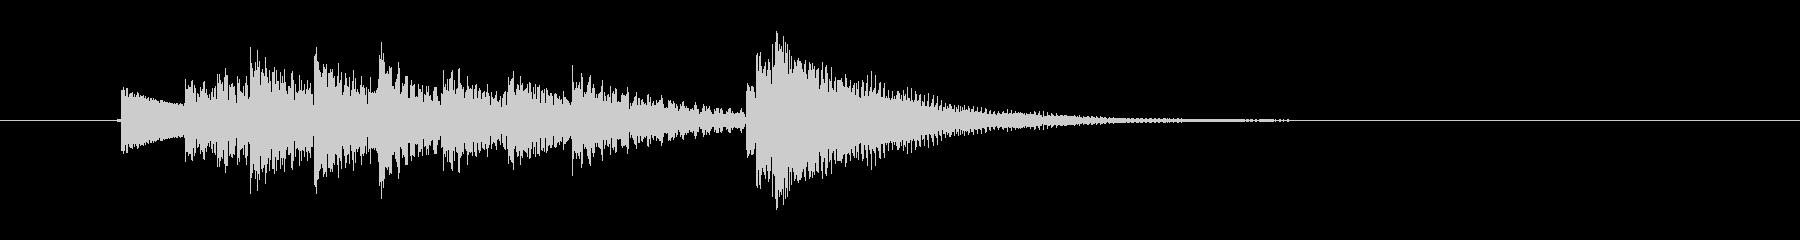 ポンパパパン・・(明るく楽しい鉄琴音)の未再生の波形